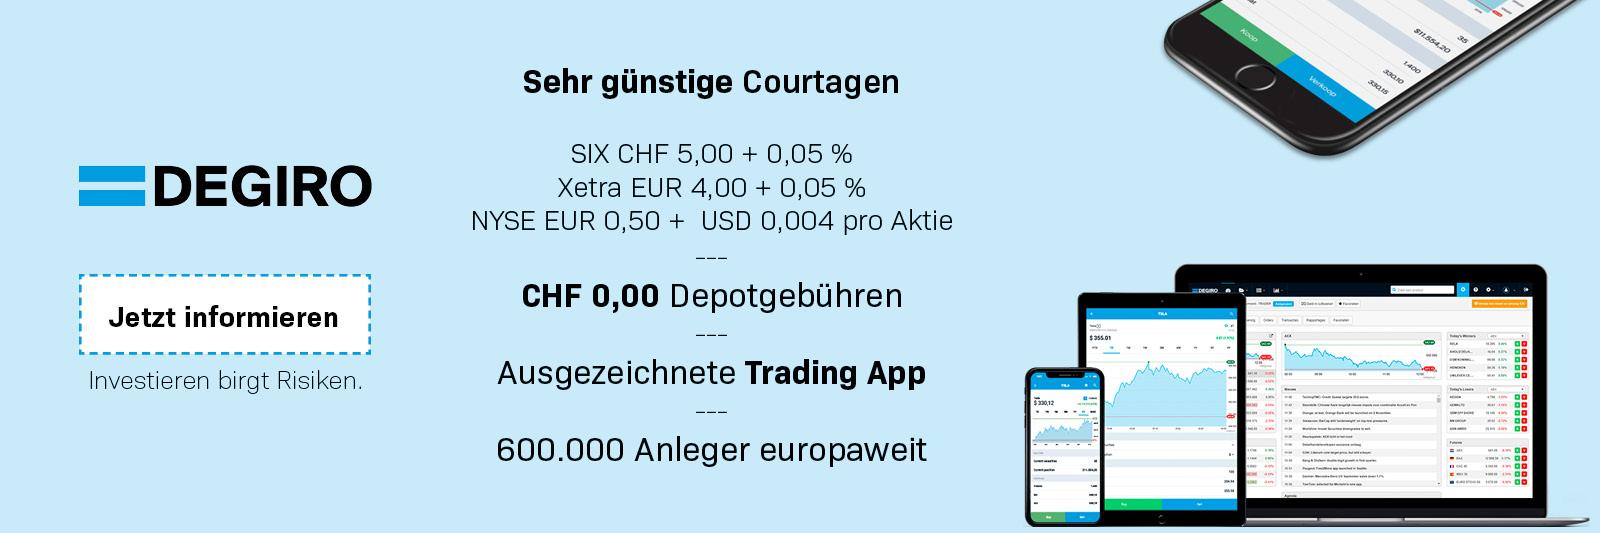 DEGIRO Schweiz Courtagen Brokerverglei.ch